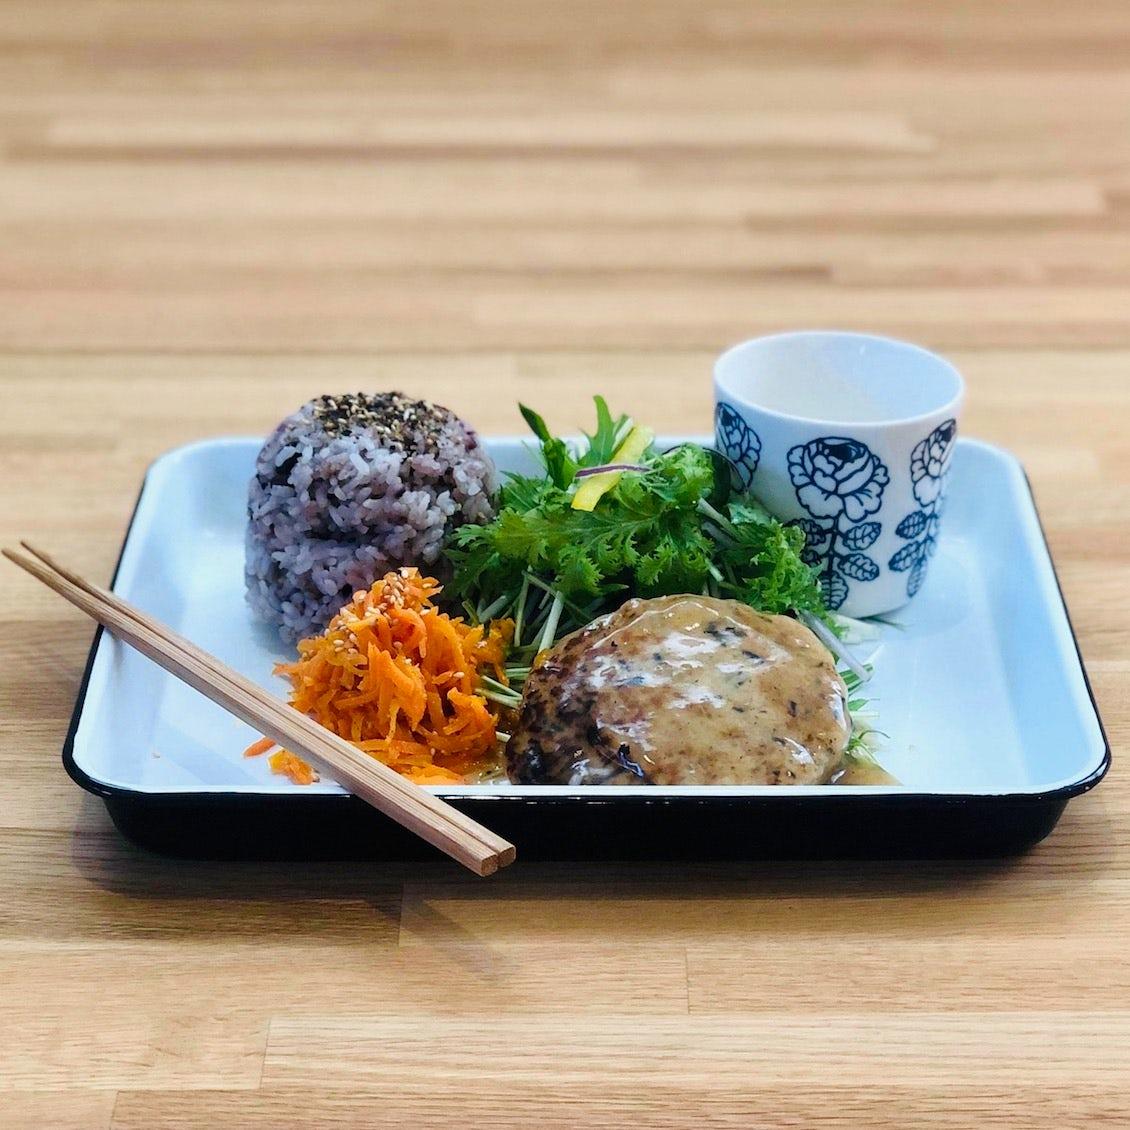 【クラシコムの社員食堂】「出汁のあん」をたっぷりと! 和風ハンバーグでお昼ごはん